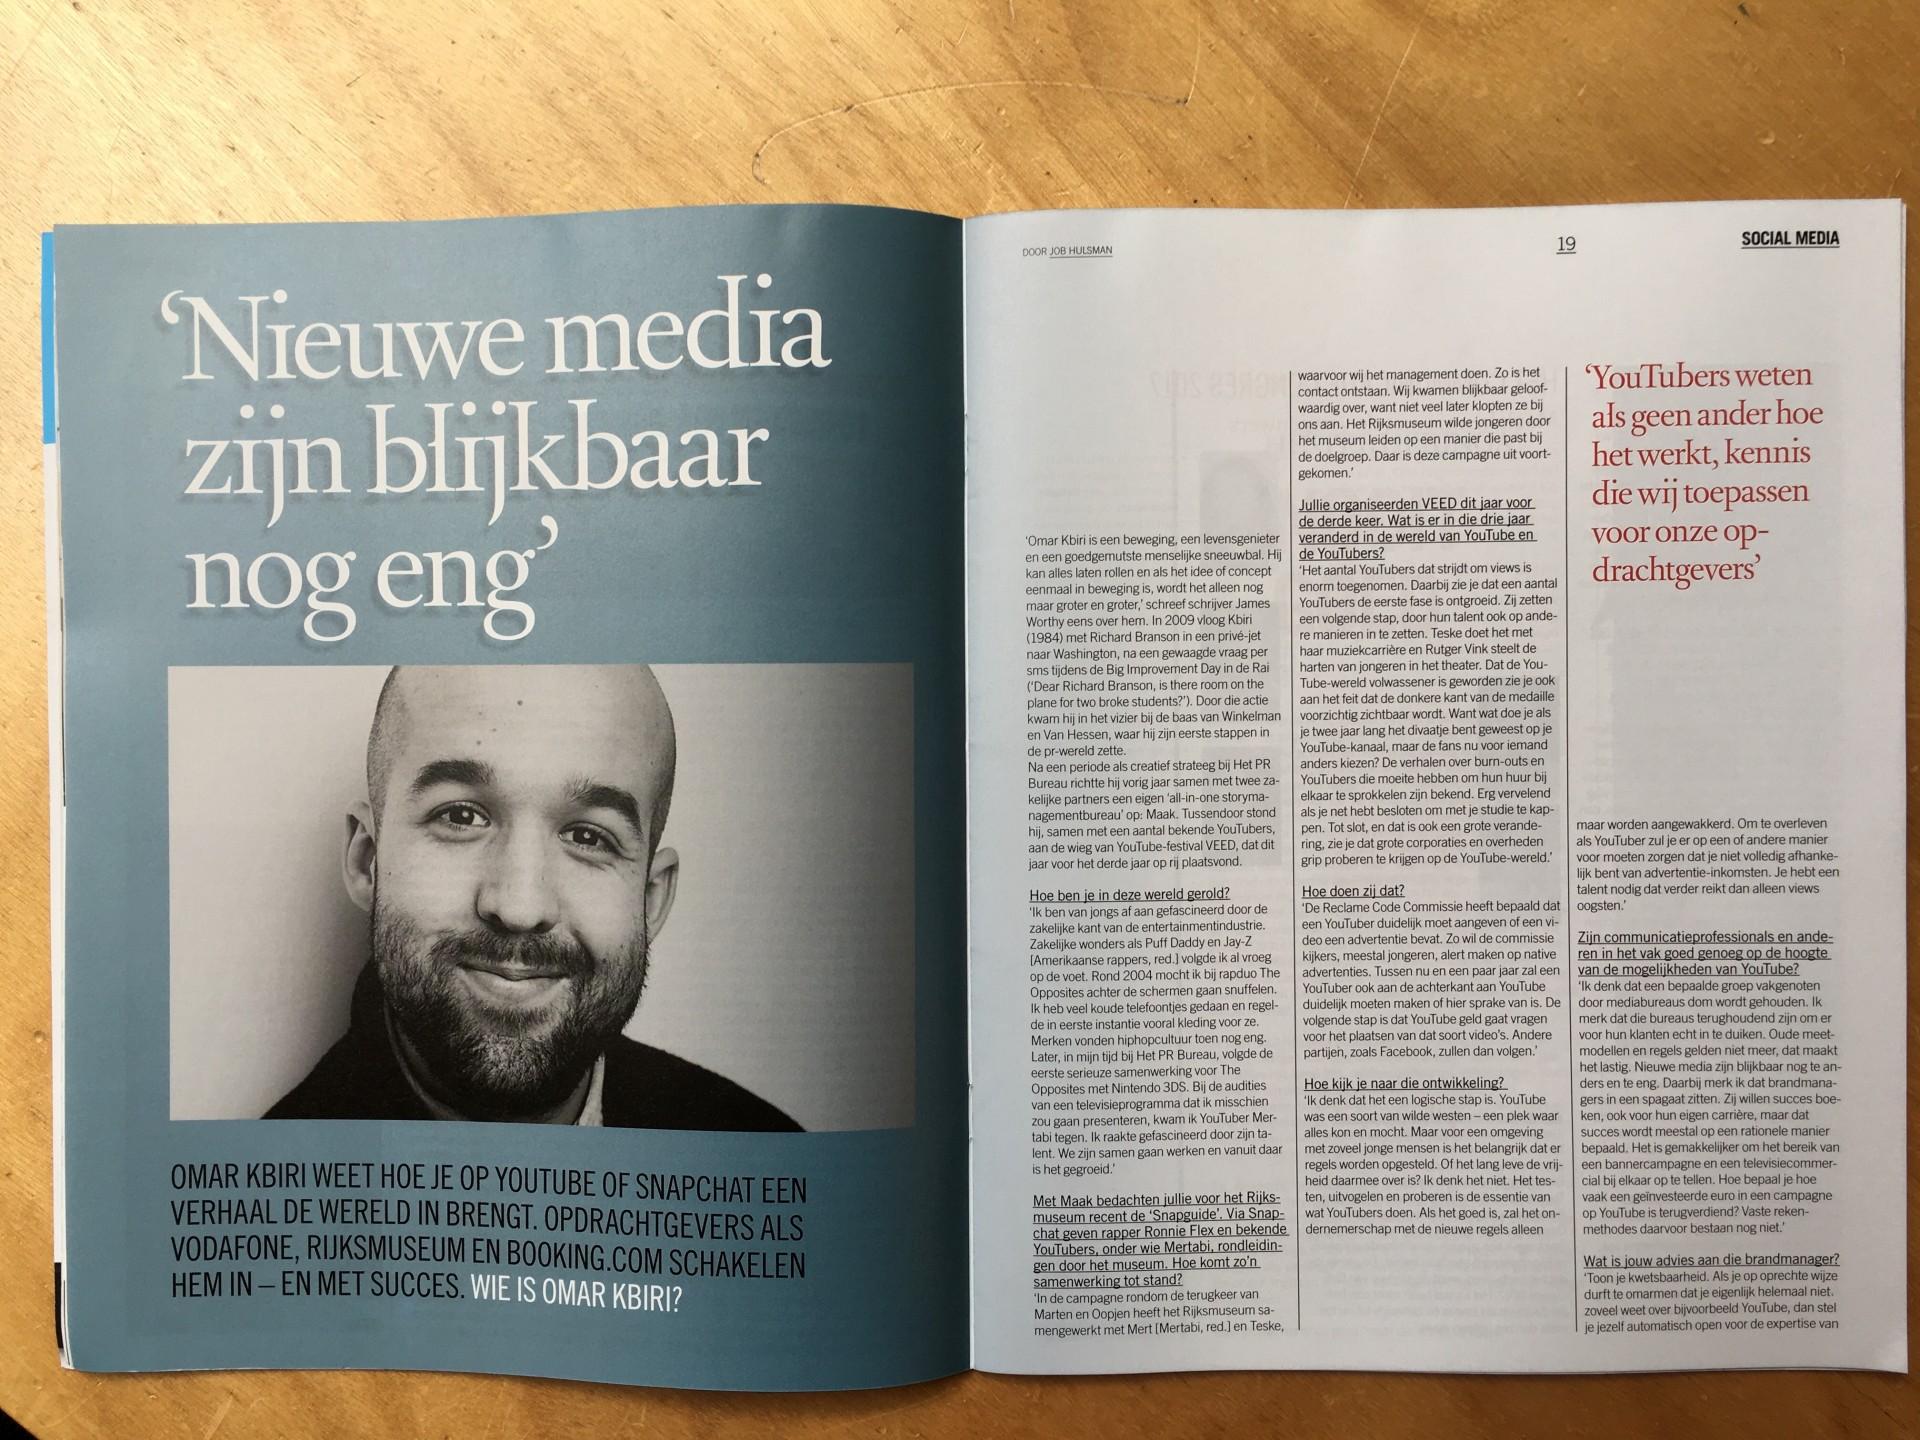 Interview: Omar Kbiri (Maak) over de wereld van nieuwe media